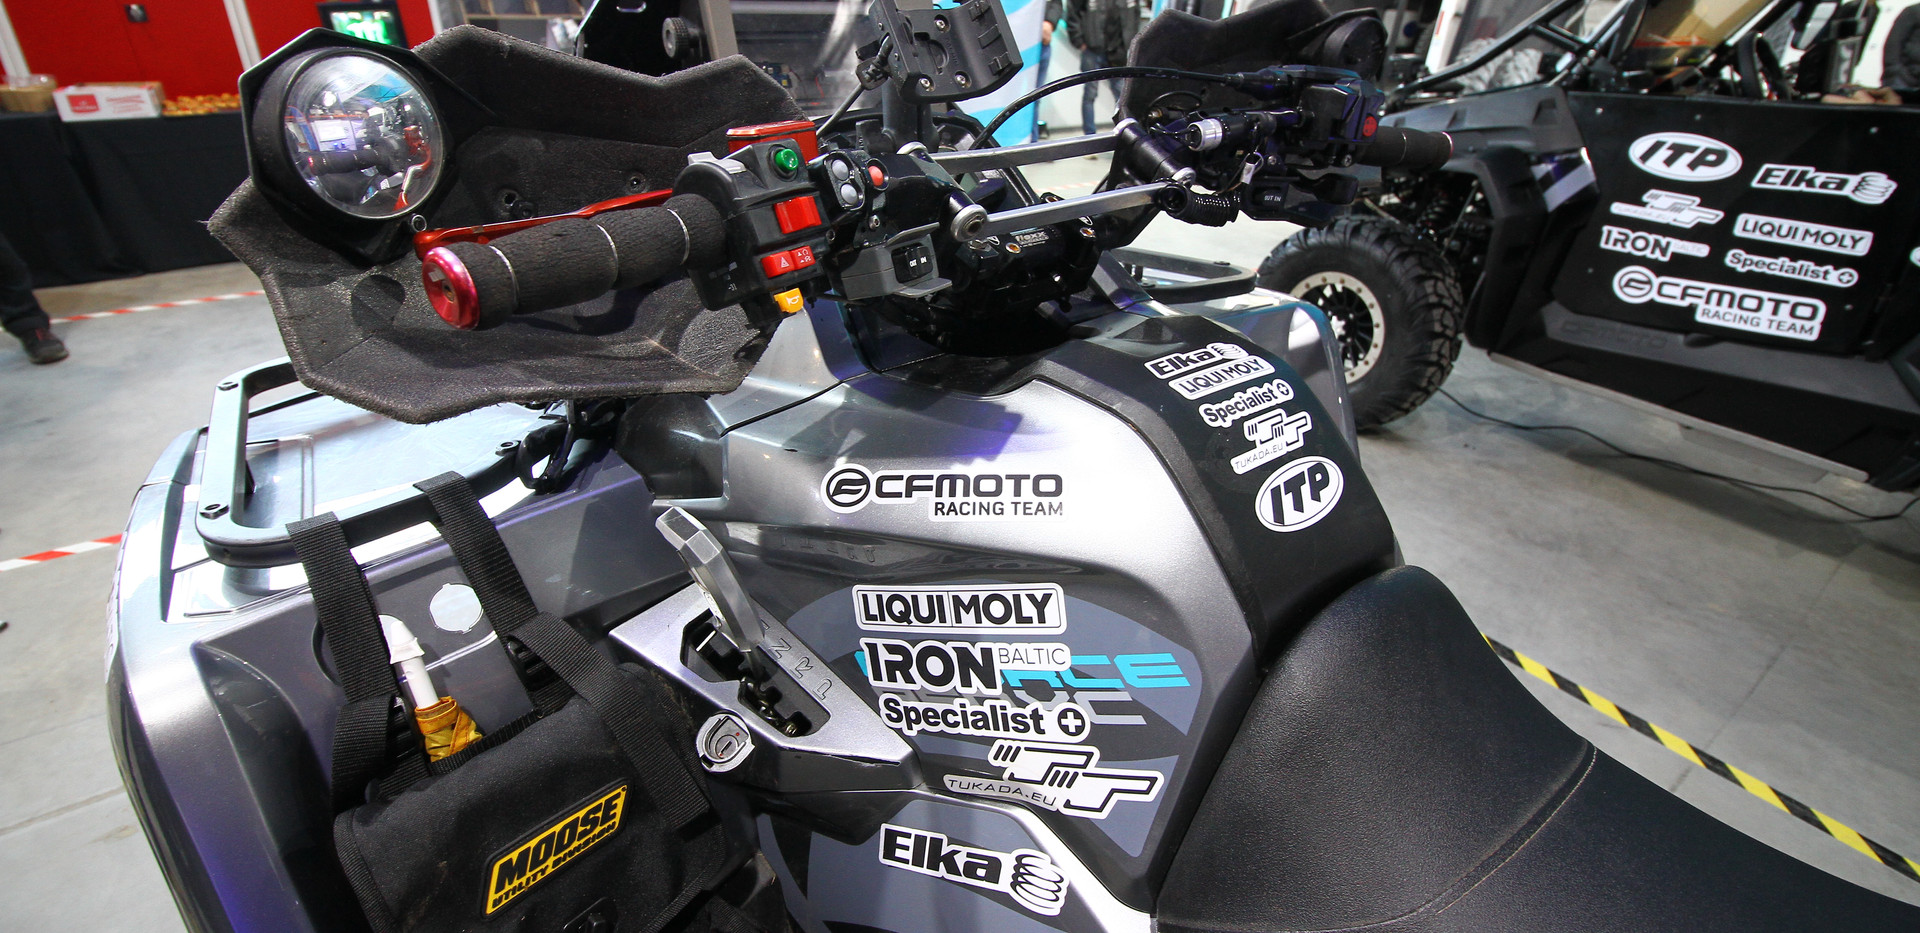 CFMOTO RACING TEAM 03 13 IMG_3590.JPG